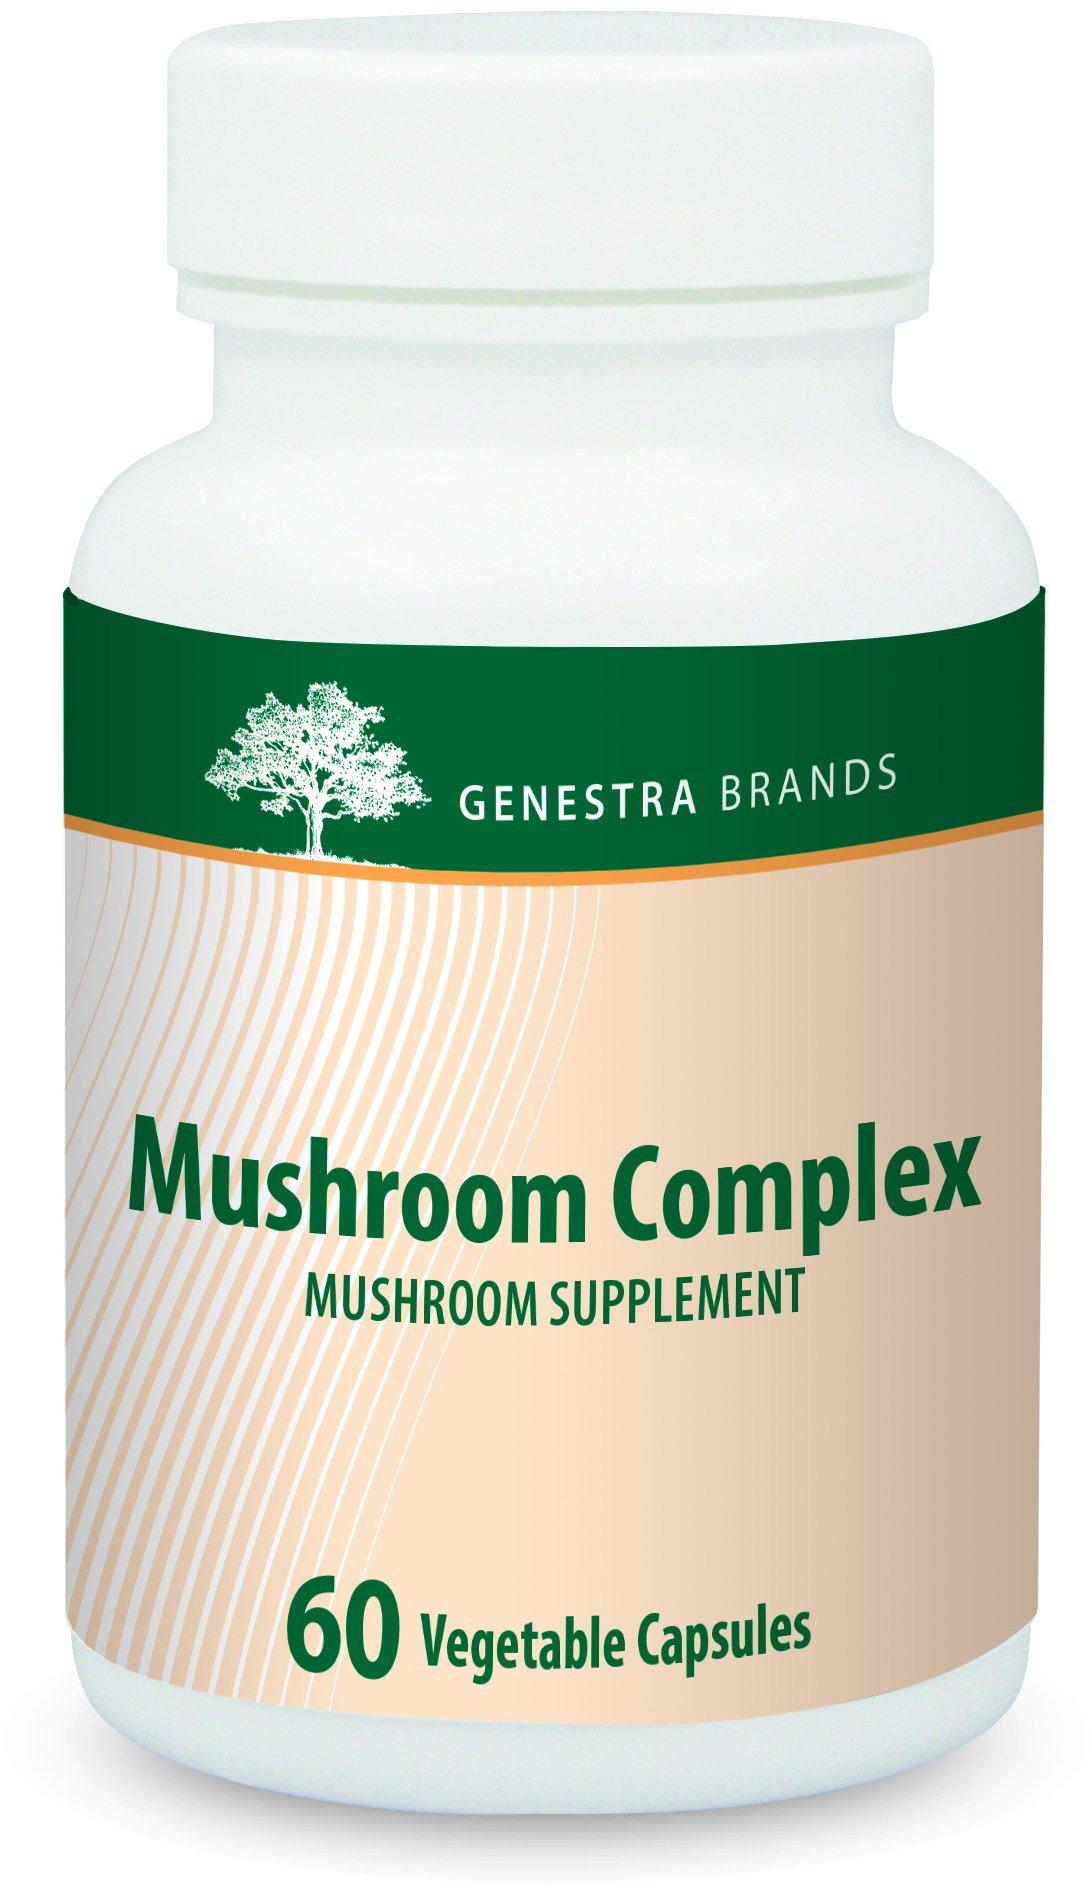 Genestra Brands - Mushroom Complex - Reishi, Shiitake and Maitake Mushroom Combination to Support Immune System Health - 60 Capsules